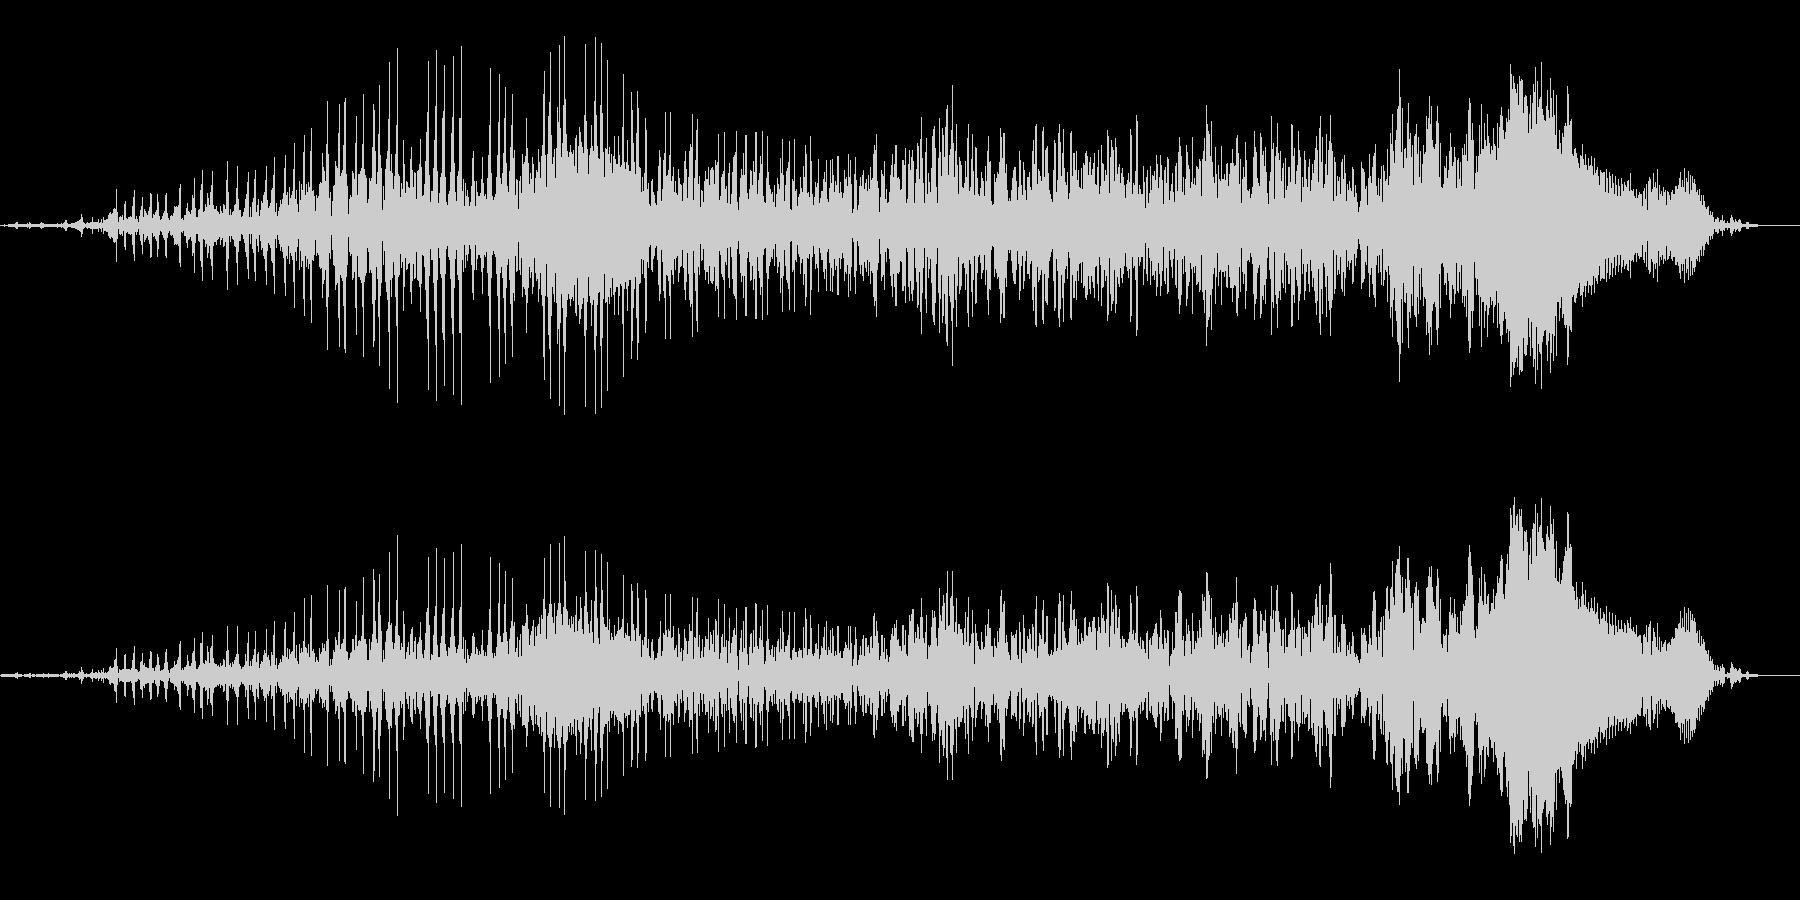 ゾンビの声(唸り声)の未再生の波形